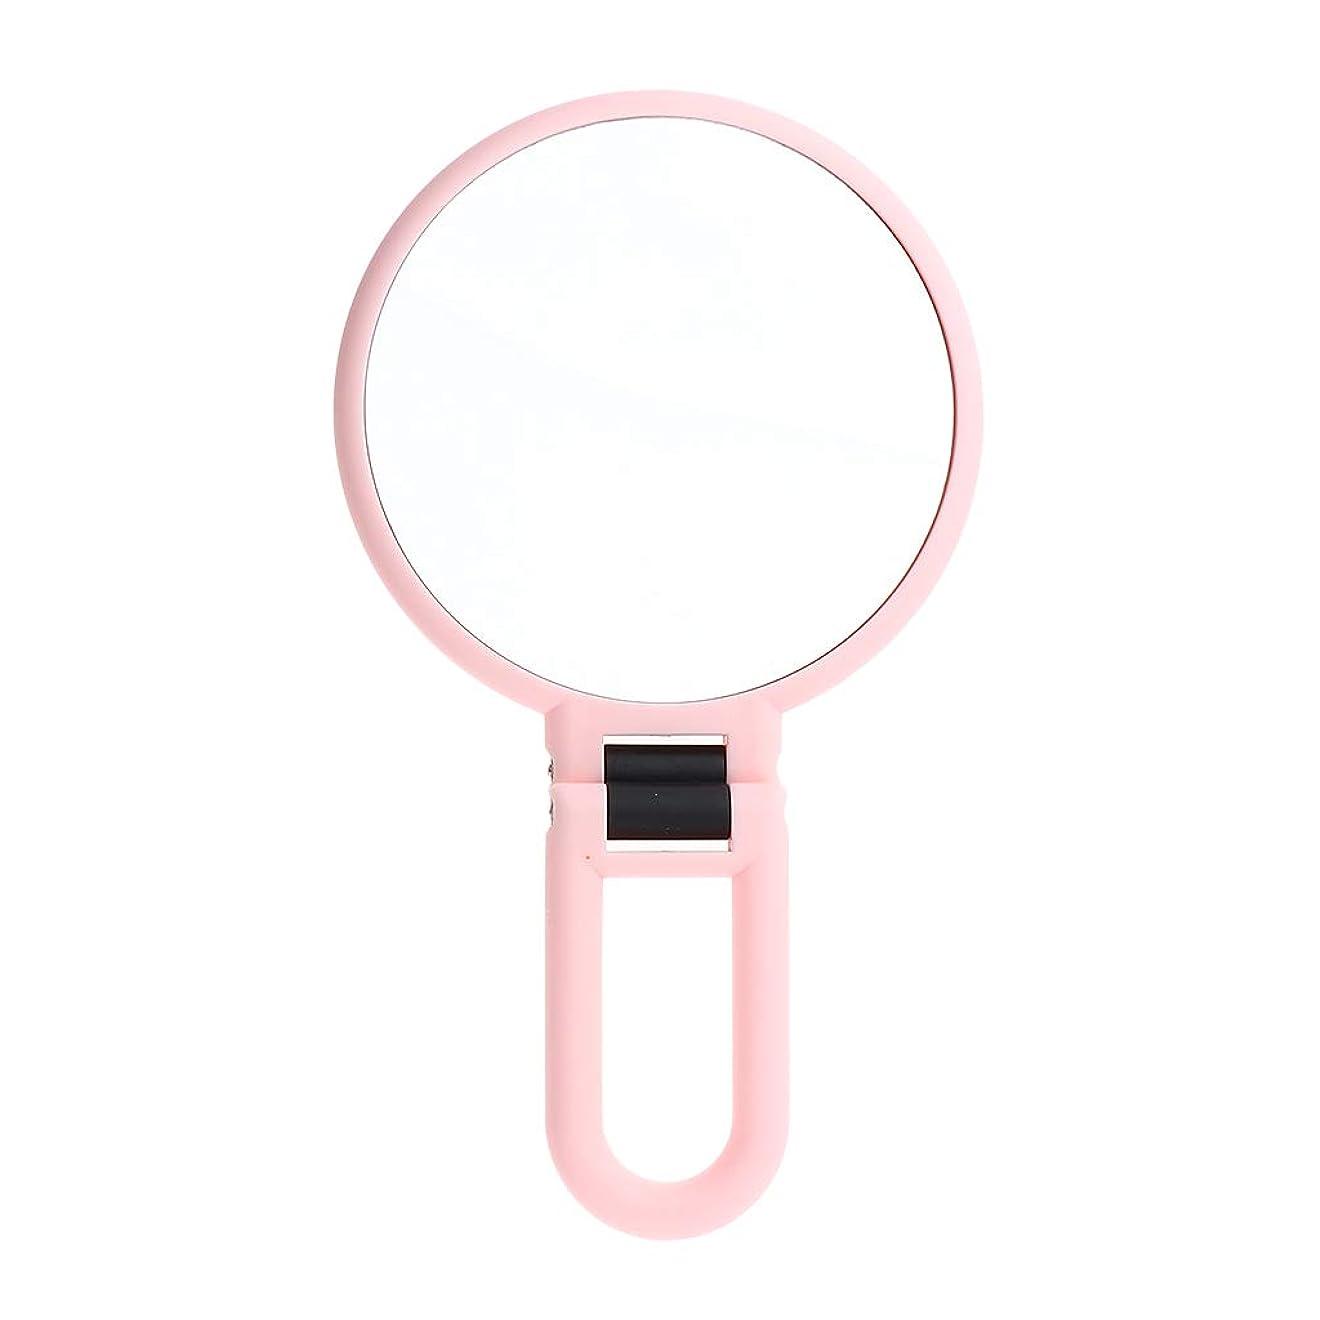 マスクバナーエンターテインメントP Prettyia メイクアップミラー 拡大鏡 両面鏡 手鏡 ピンク 旅行 携帯便利 2タイプ選べ - 10倍